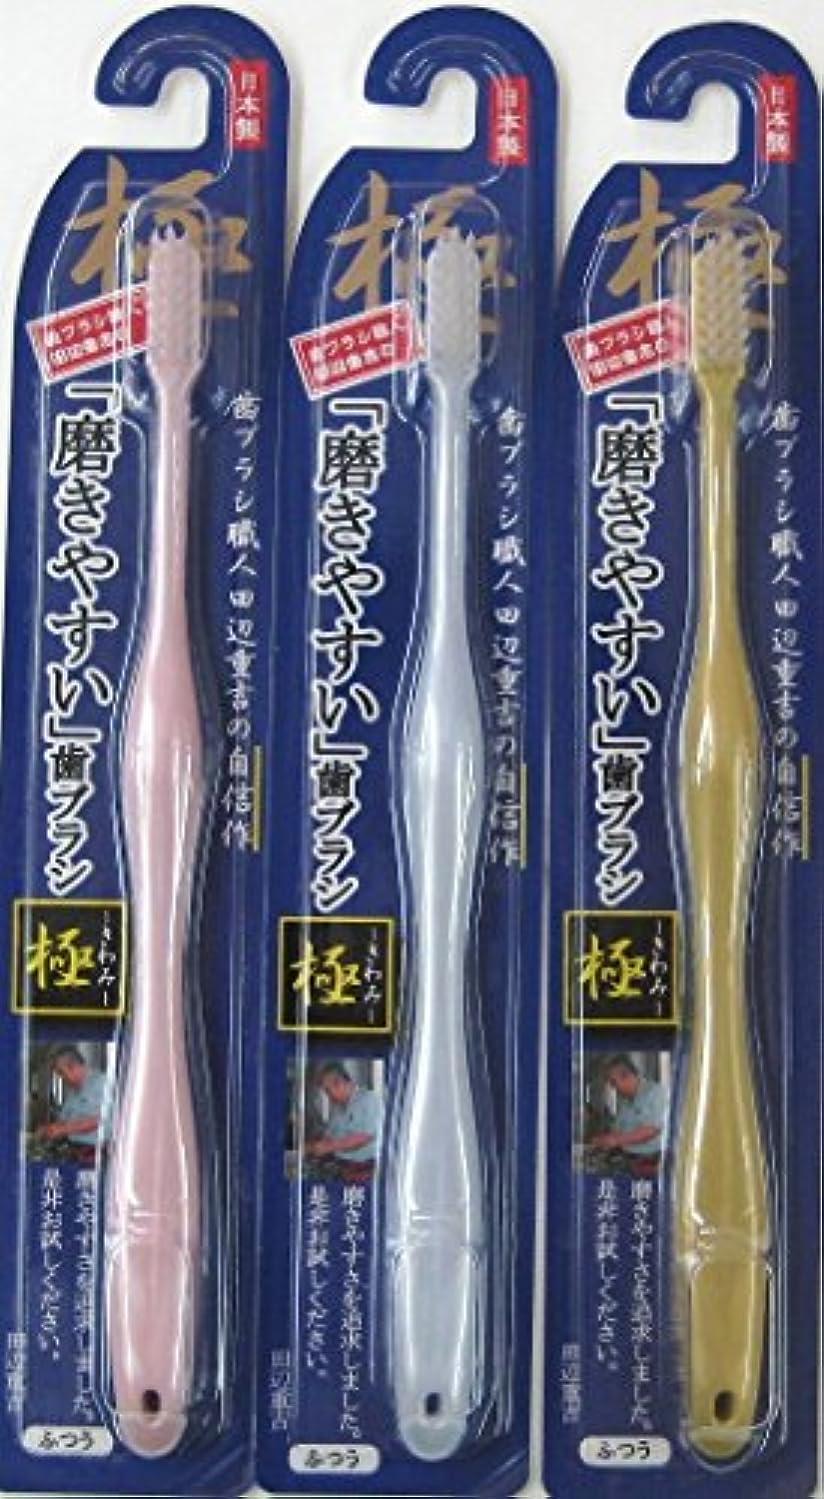 吸う出撃者リア王歯ブラシ職人 田辺重吉の磨きやすい歯ブラシ 極 LT-09(12本入)